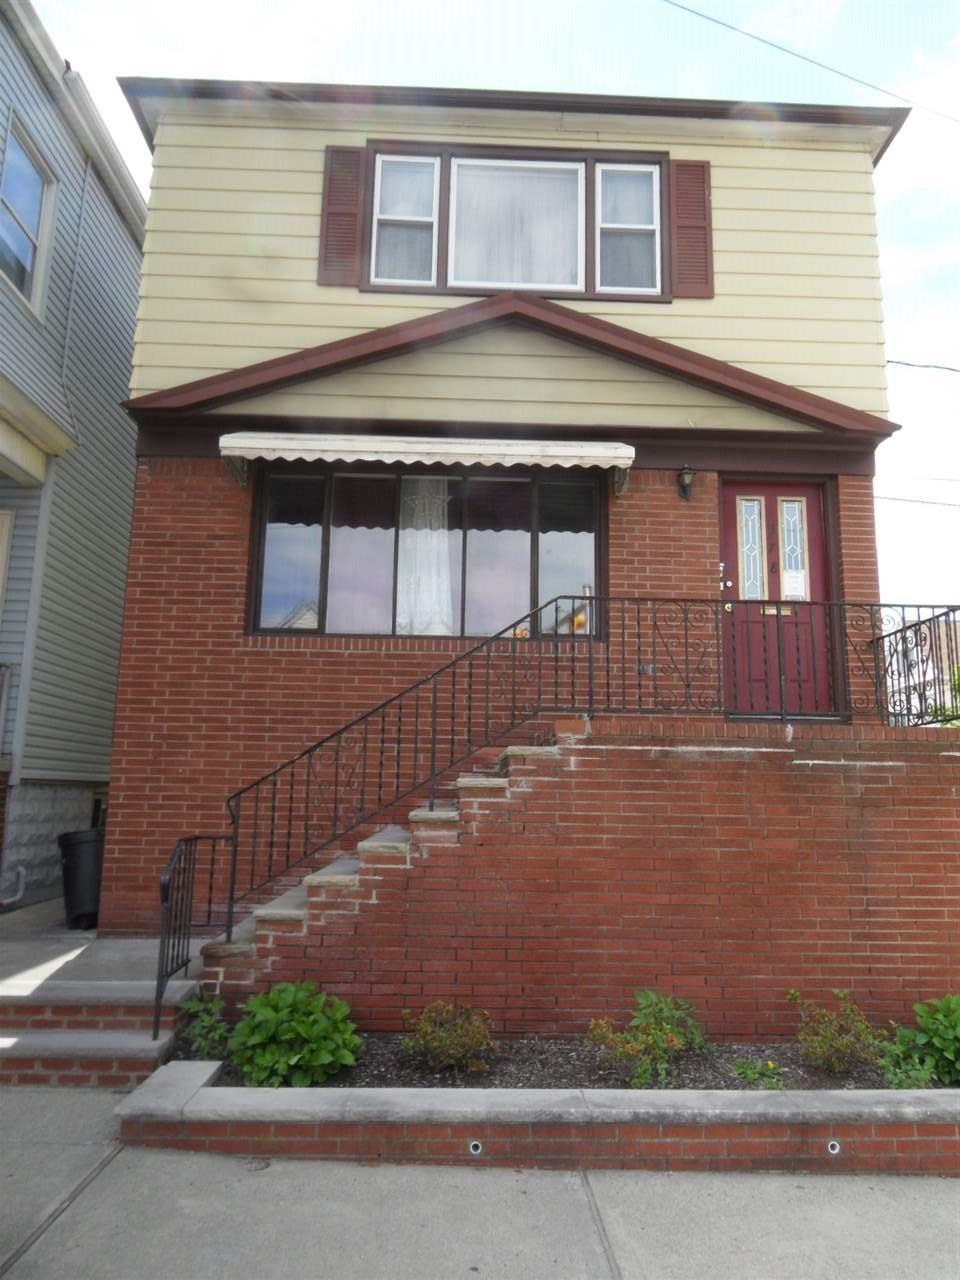 378 KENNEDY BLVD, Bayonne, NJ 07002